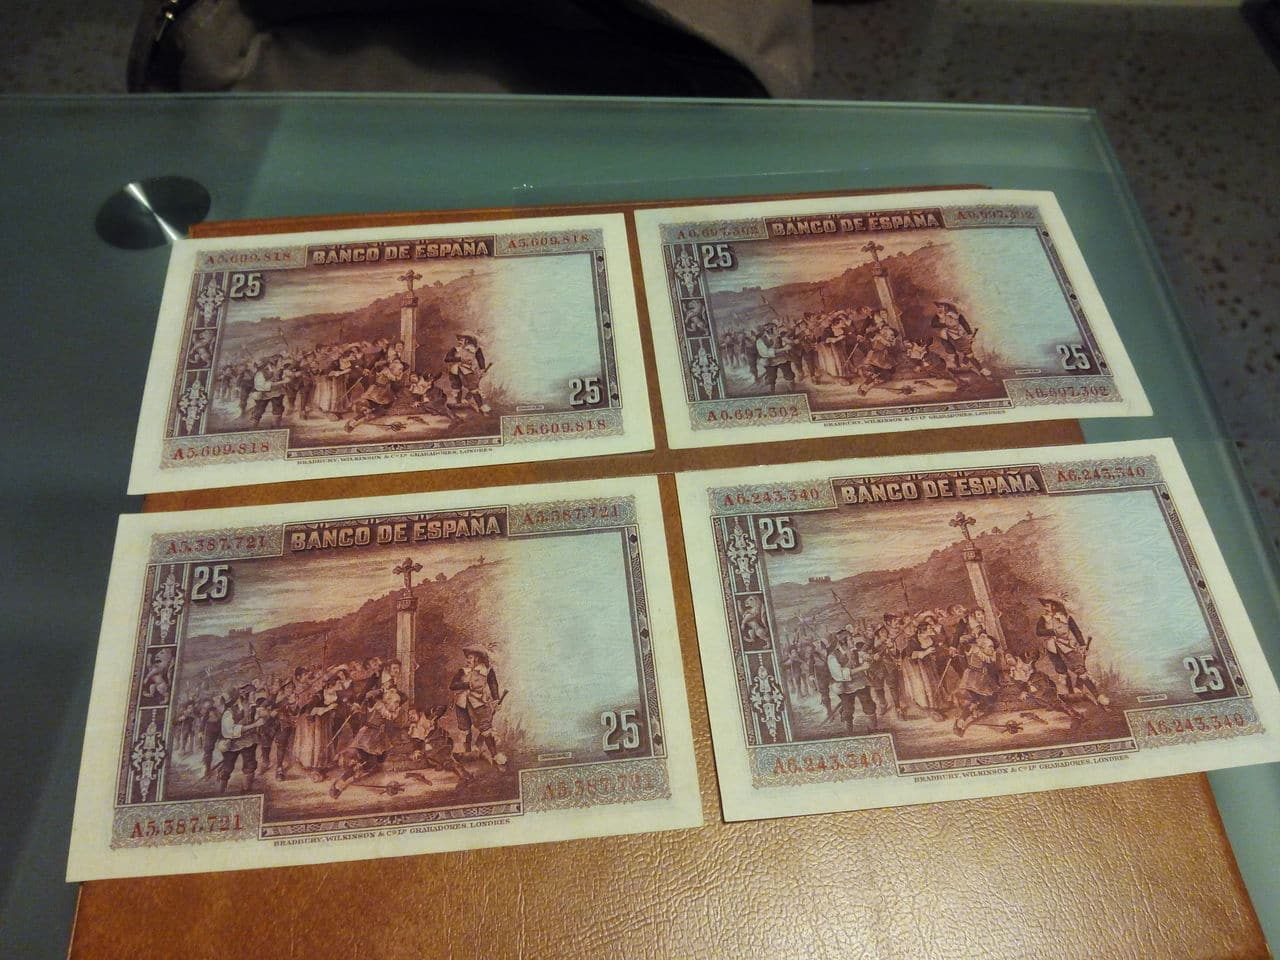 25 pesetas, Calderón de la Barca. 14491669207381901604110